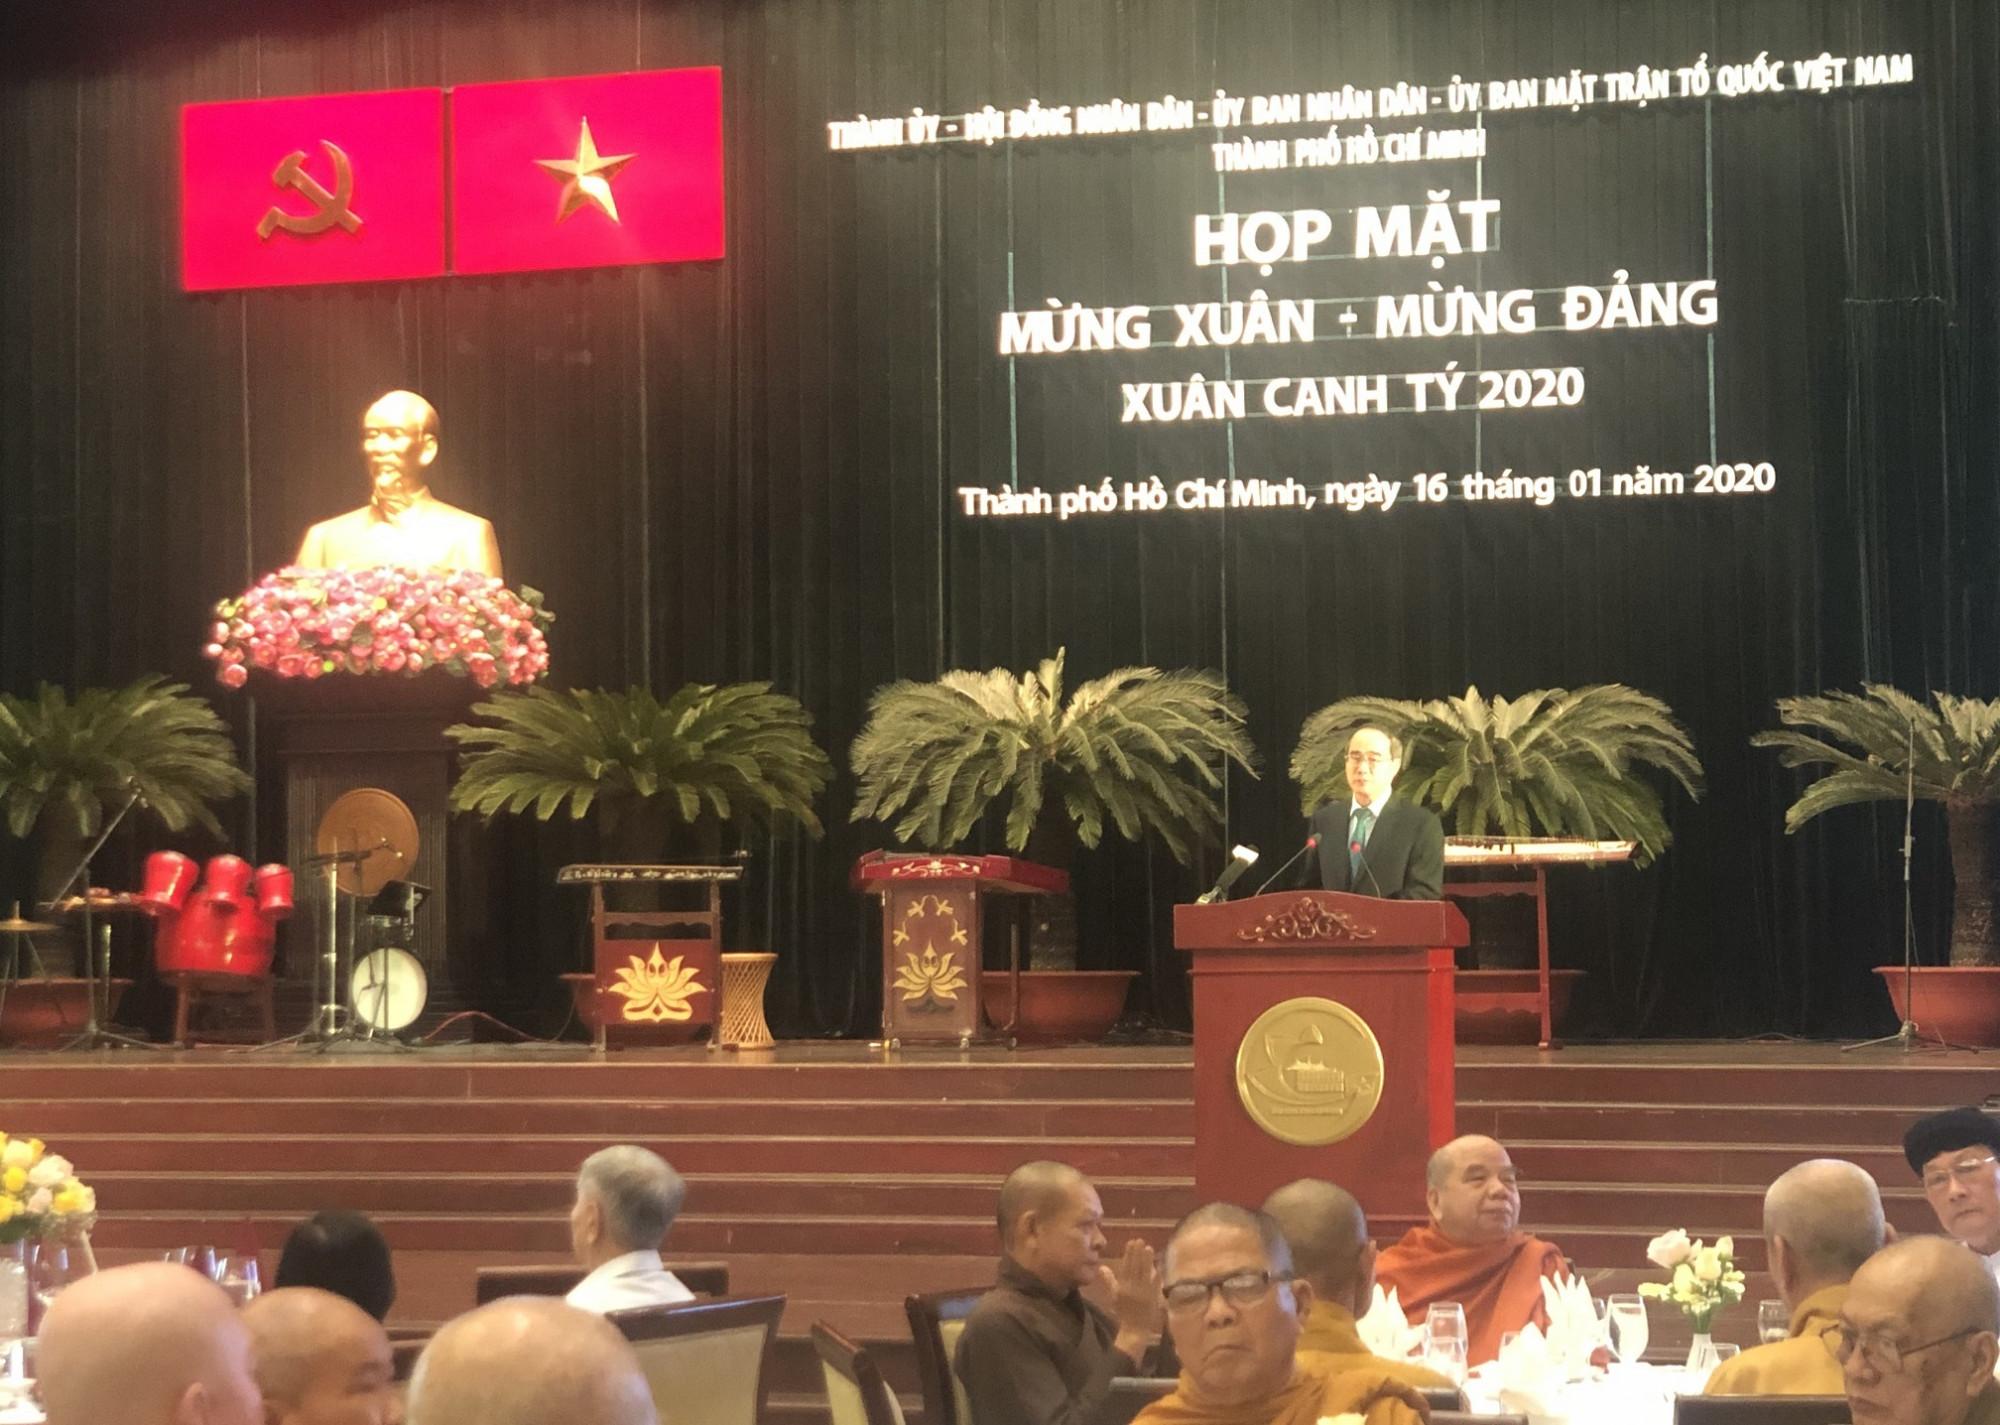 Bí thư Nguyễn Thiện Nhân phát biểu tại buổi họp mặt mừng Xuân - mừng Đảng nhân dịp Tết Canh Tý 2020. Ảnh: Quốc Ngọc